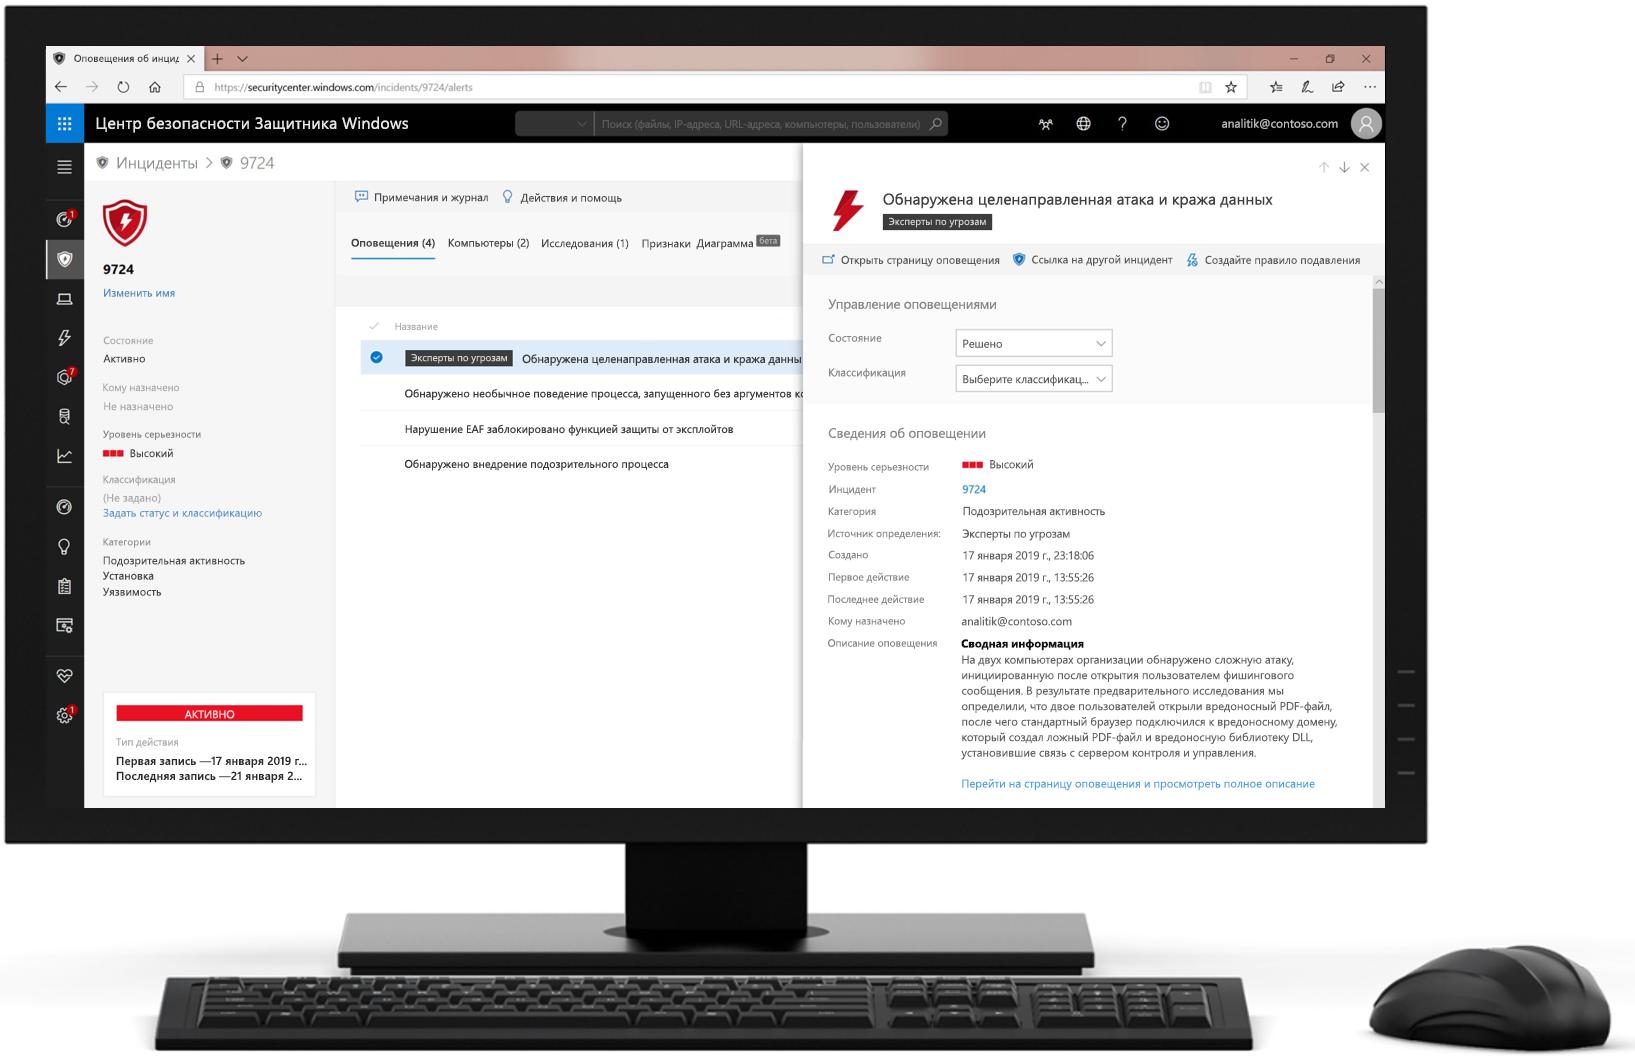 Изображение компьютера, на экране которого показан Центр безопасности Защитника Windows.